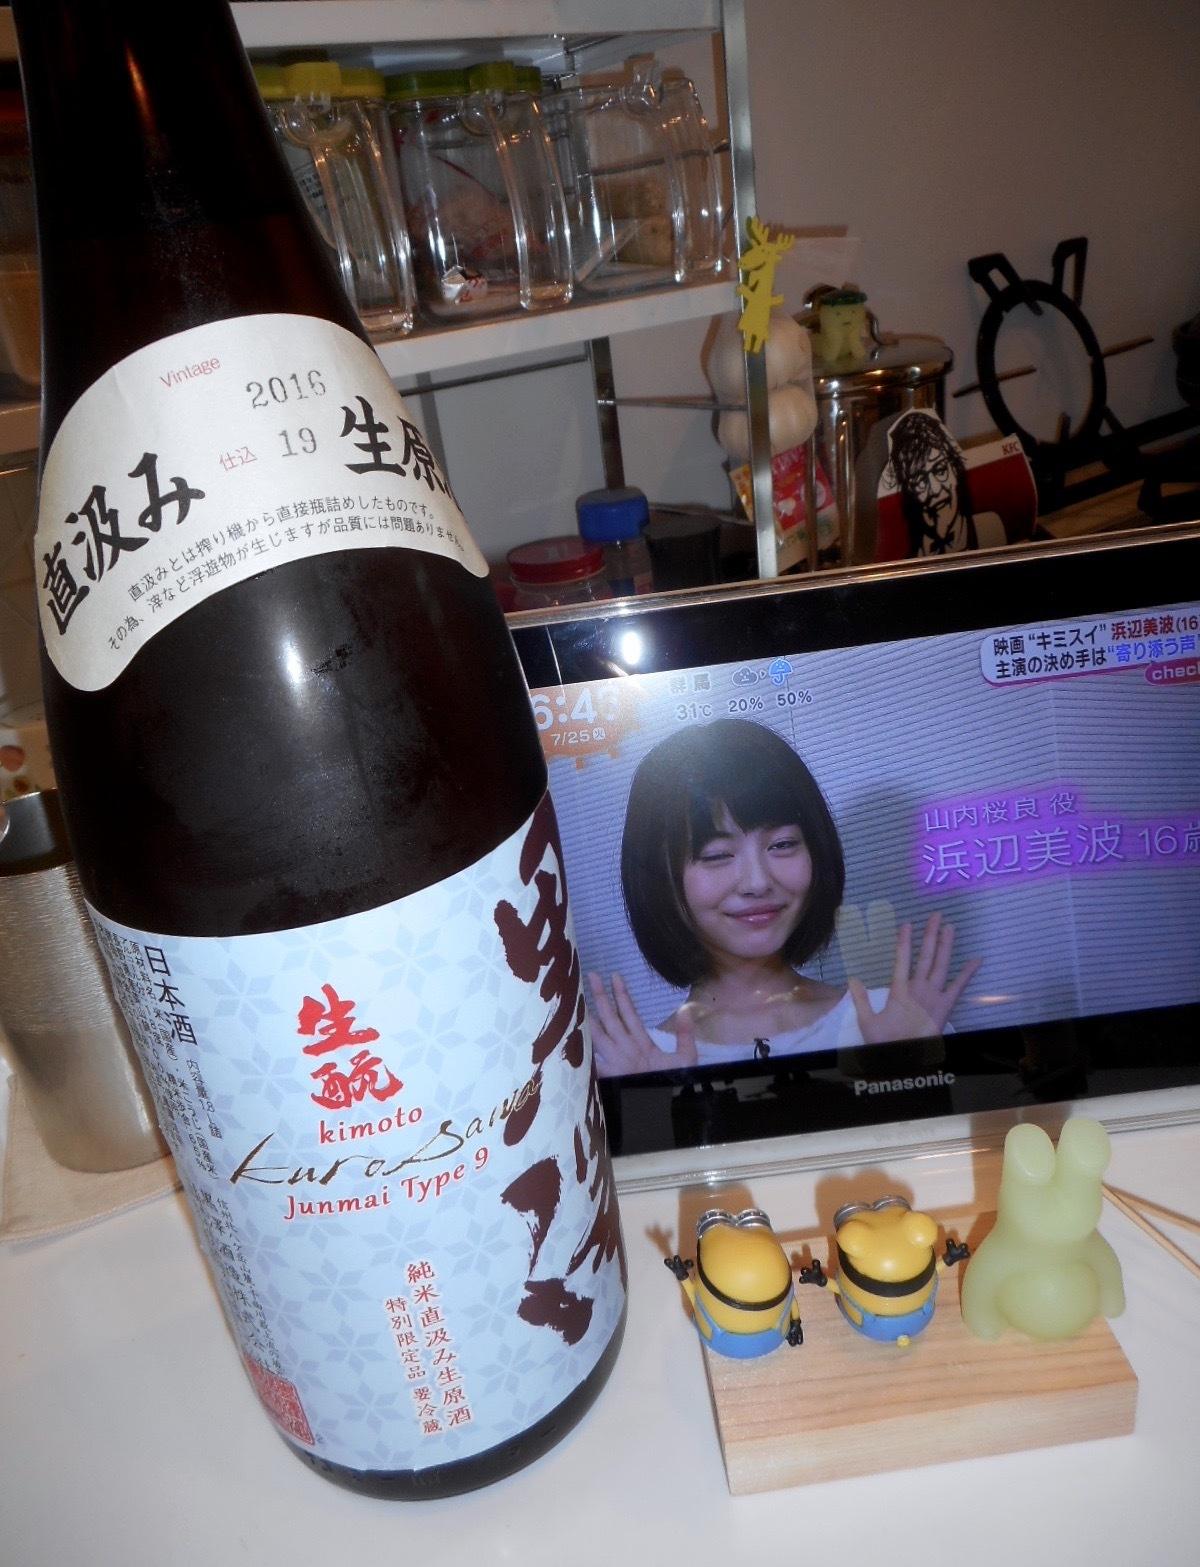 kurosawa_type9_28by3.jpg